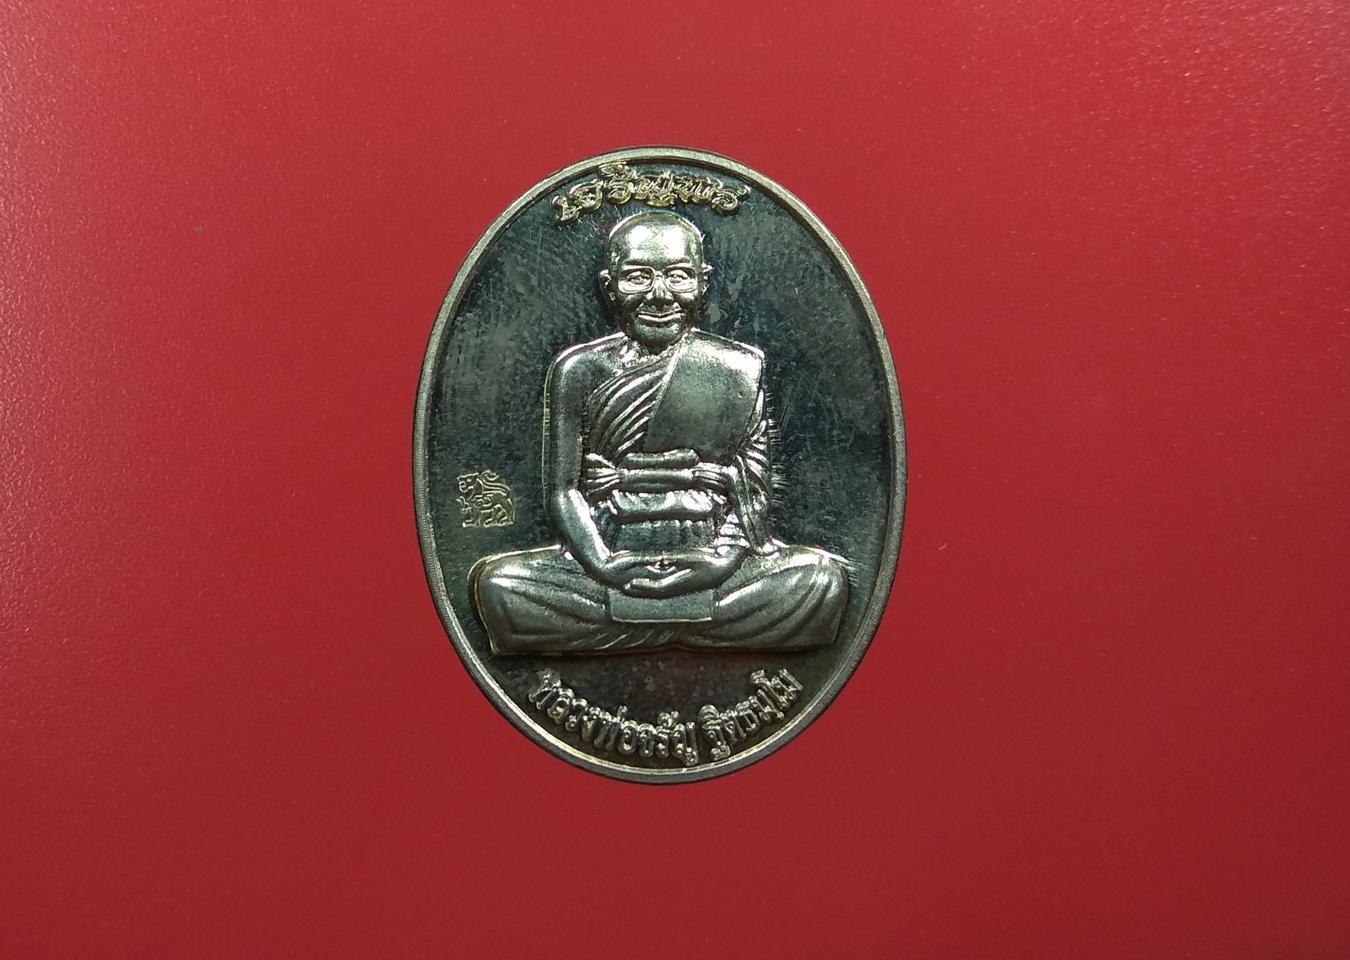 เหรียญเจริญพรเต็มองศ์ (เจริญพรบน)หลวงพ่อจรัญ เนื้ออาปาก้า รูปที่ 6